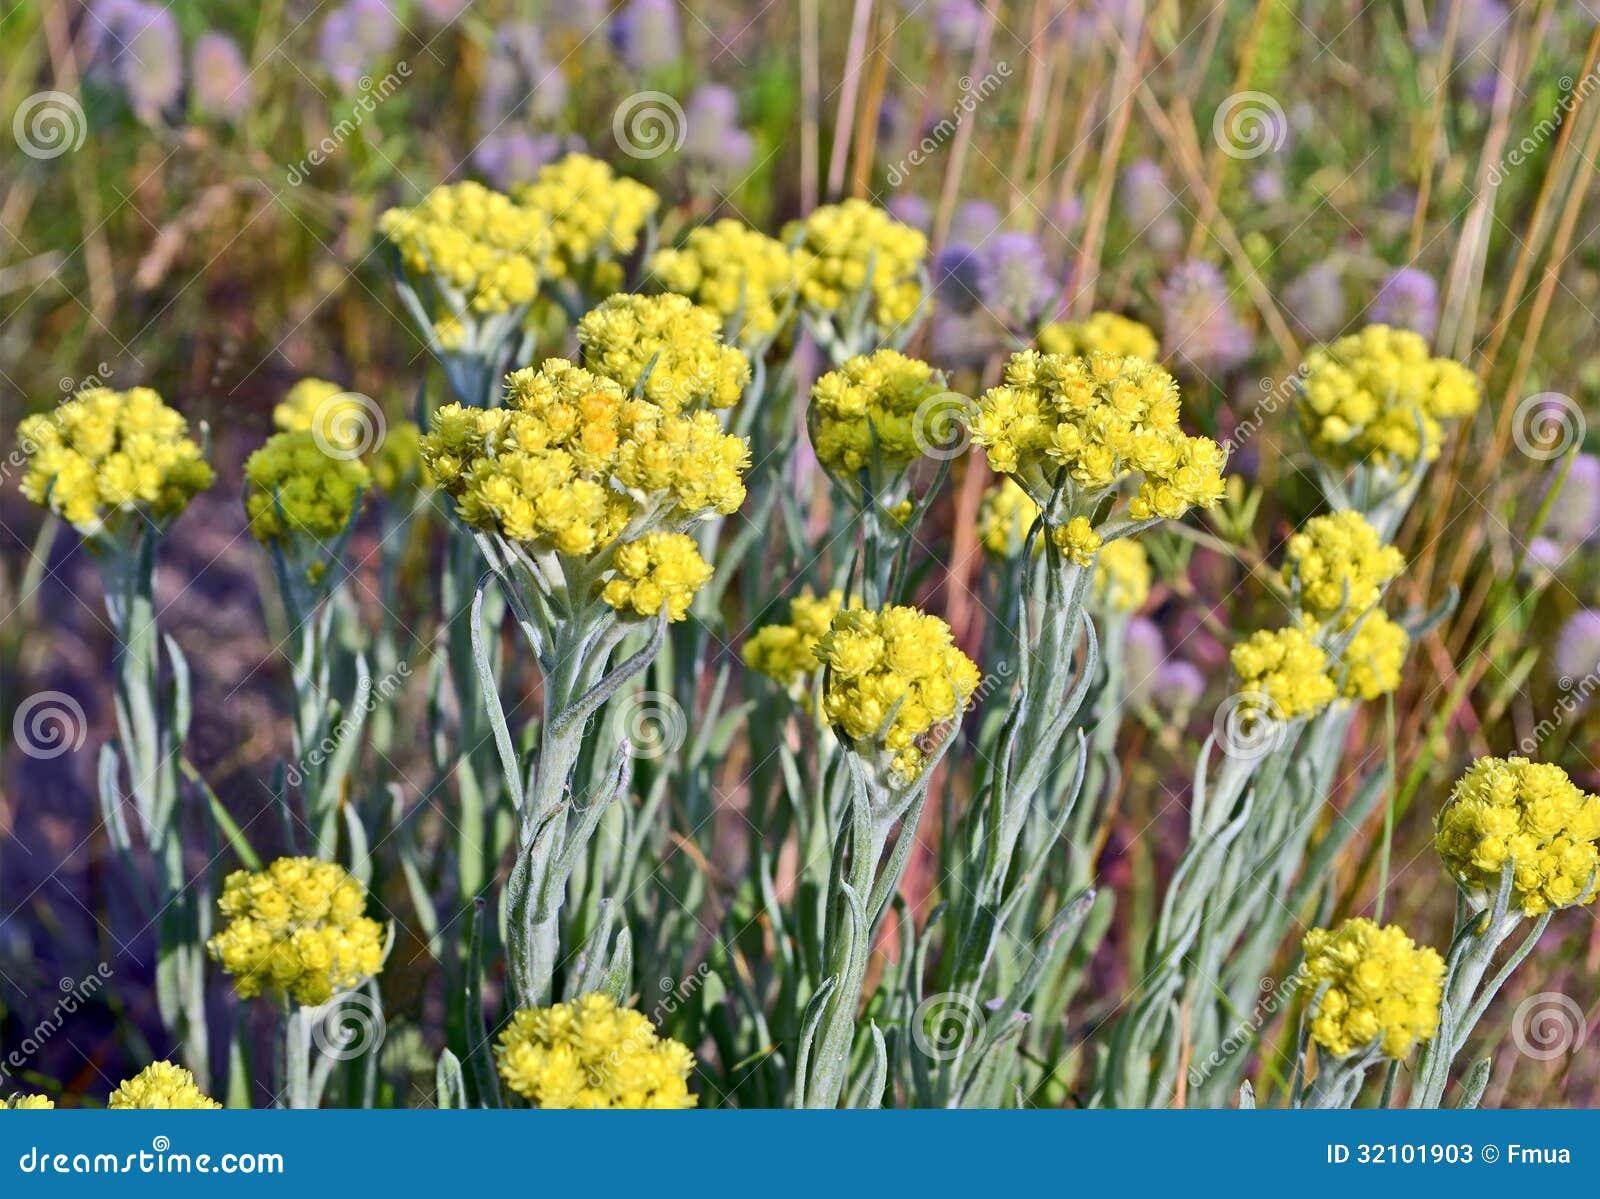 Immortelle plante m dicinale de jaune environnement d for Plante jaune